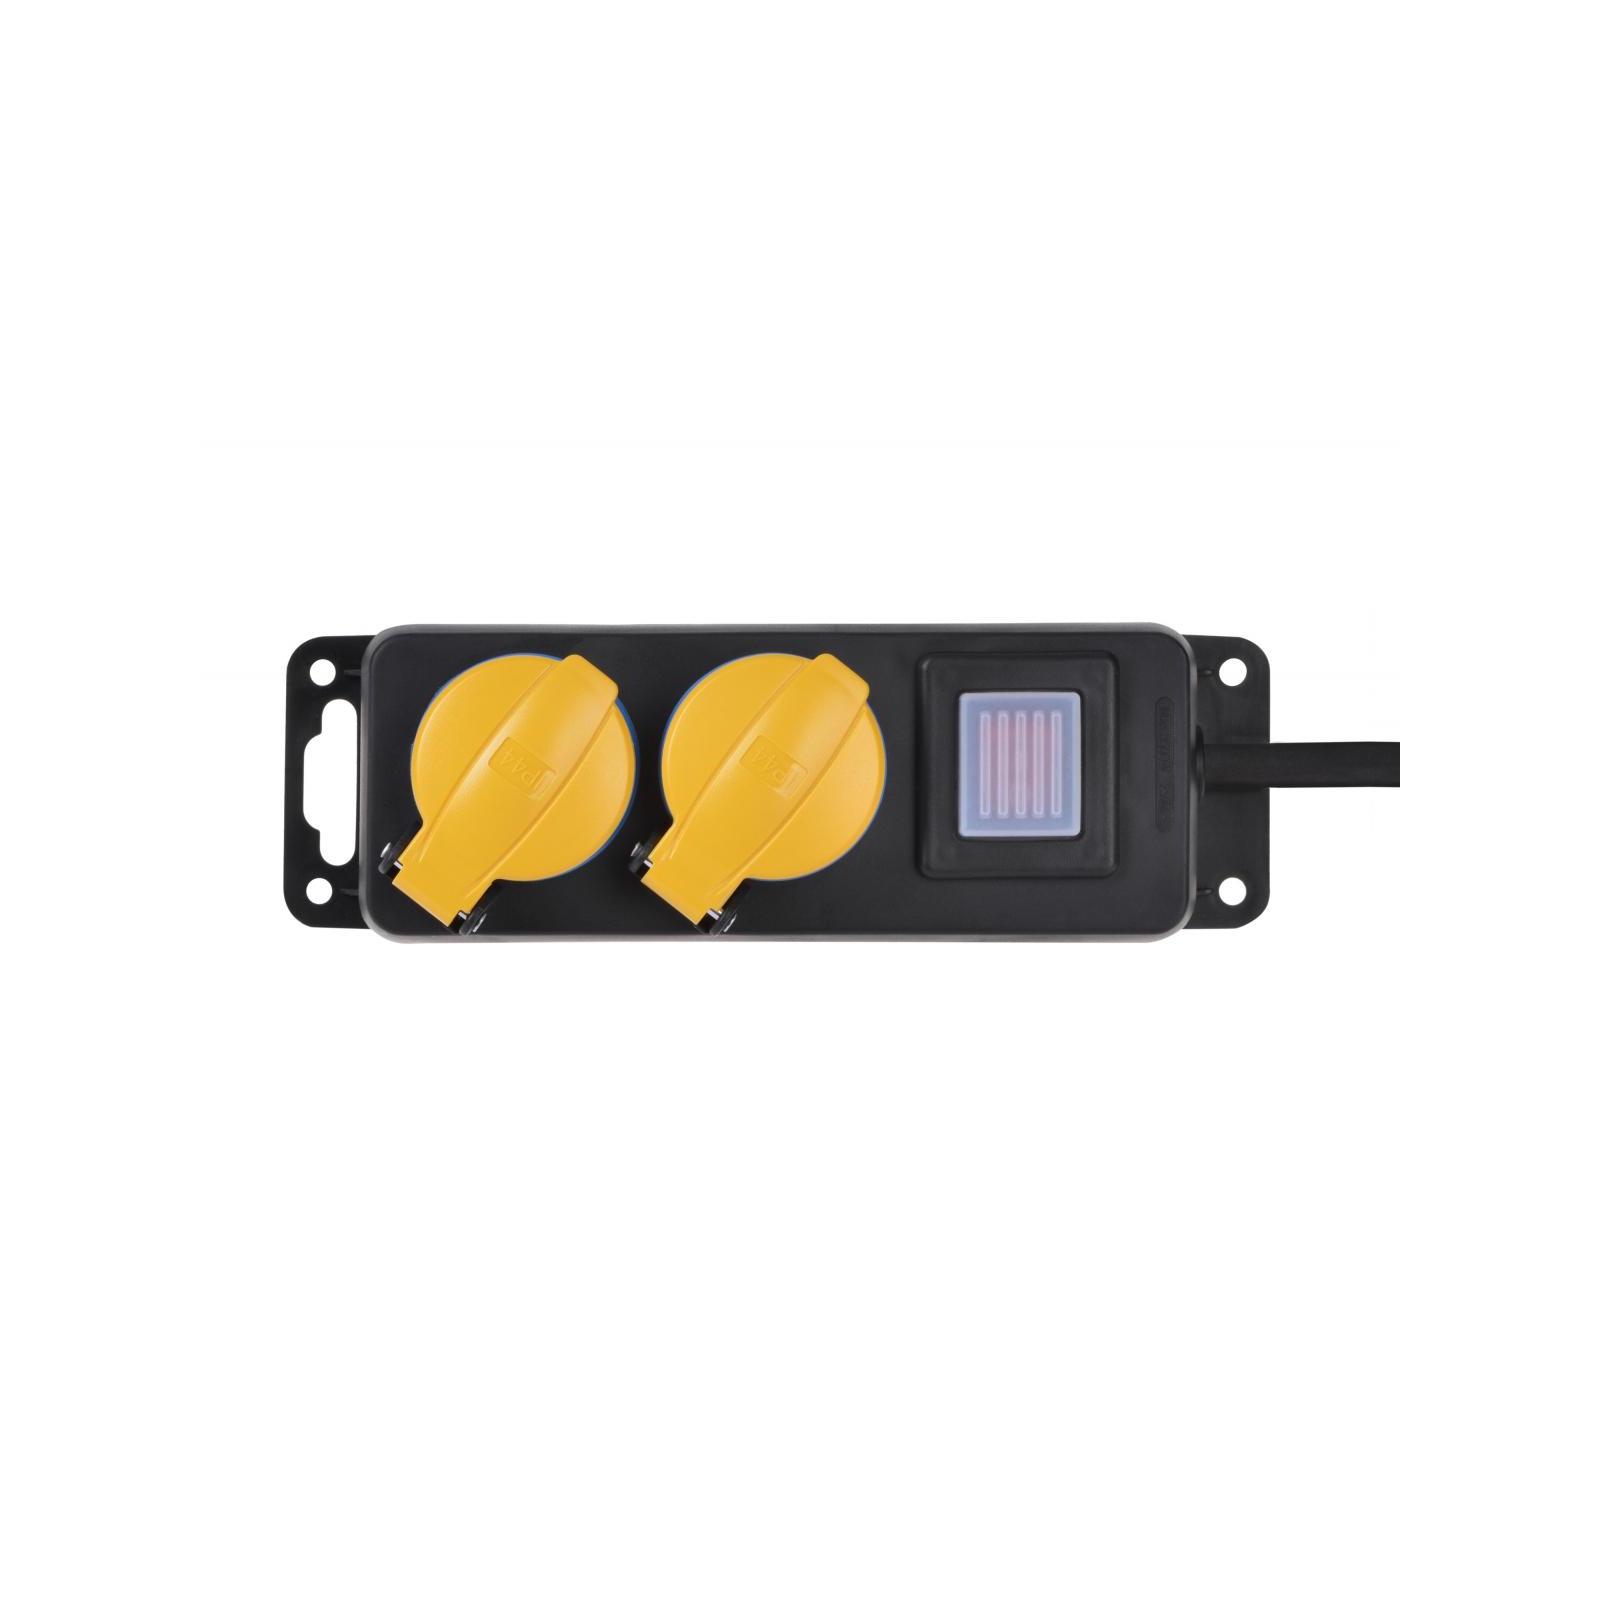 Сетевой фильтр питания 2E 2xSchuko ІР44 (2E-U02ESPM3) изображение 2